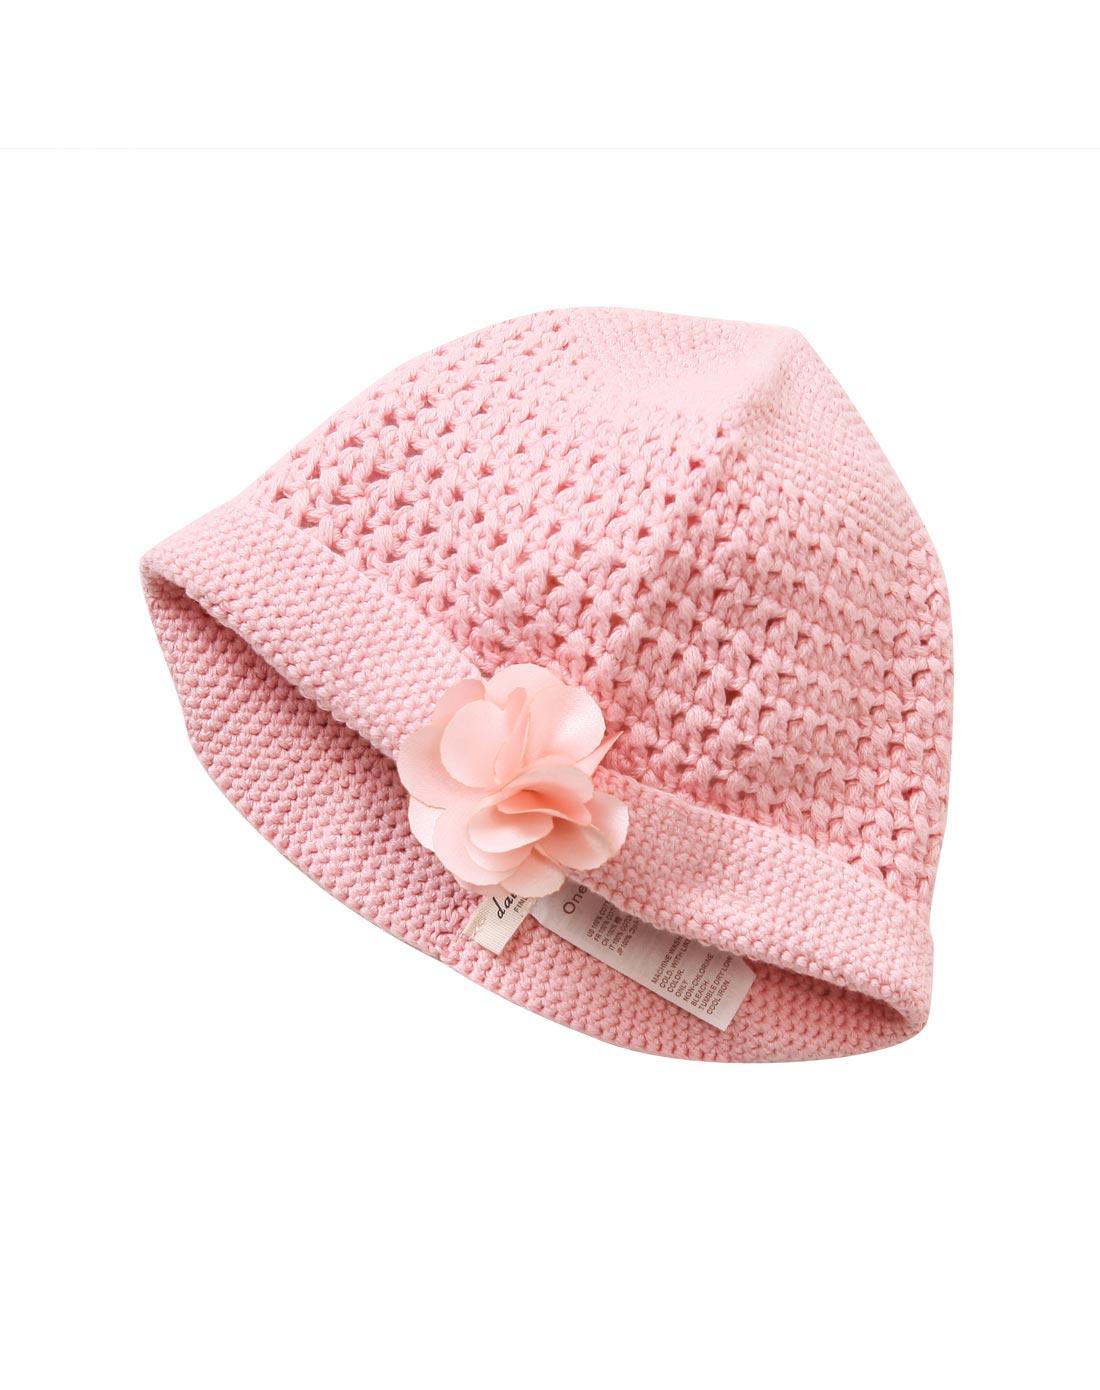 婴儿帽子编制图